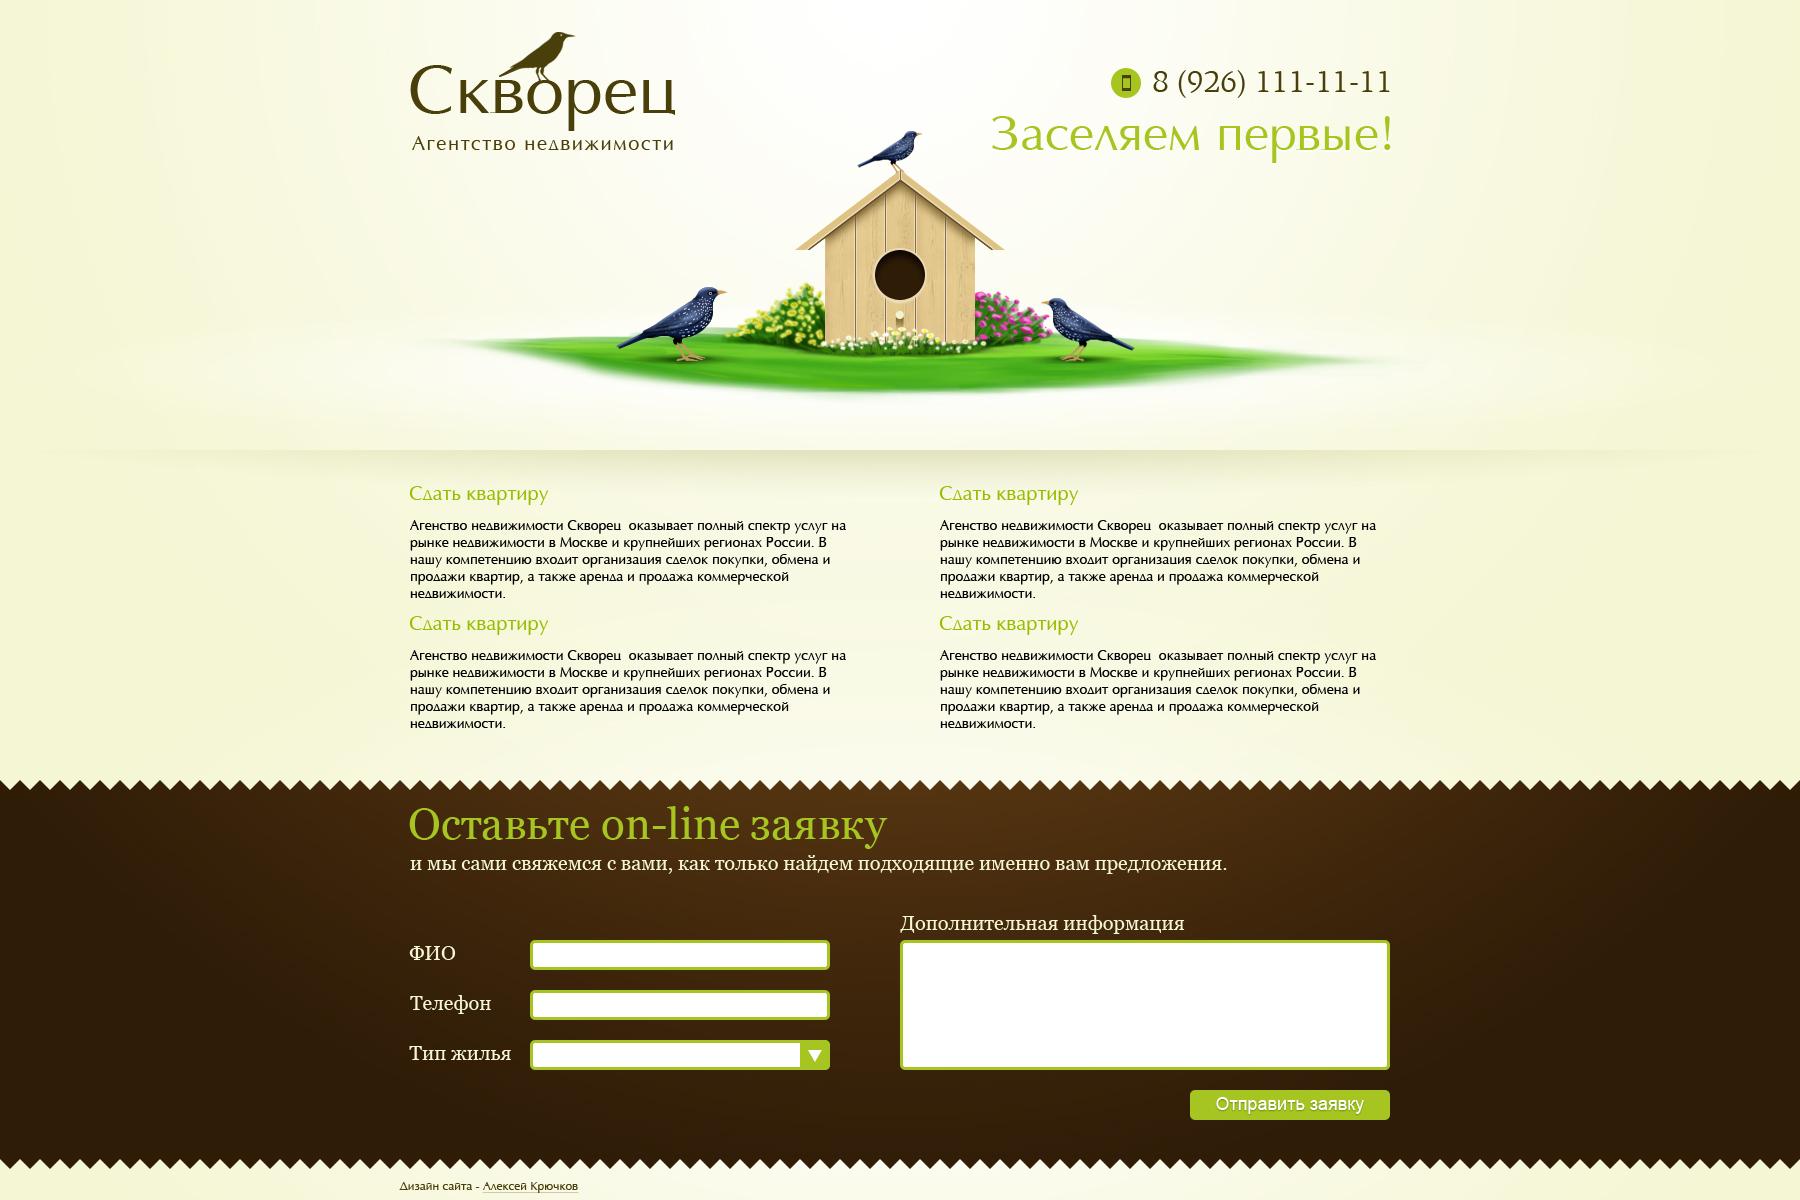 Дизайн главной страницы сайта фото f_5033417171058.jpg